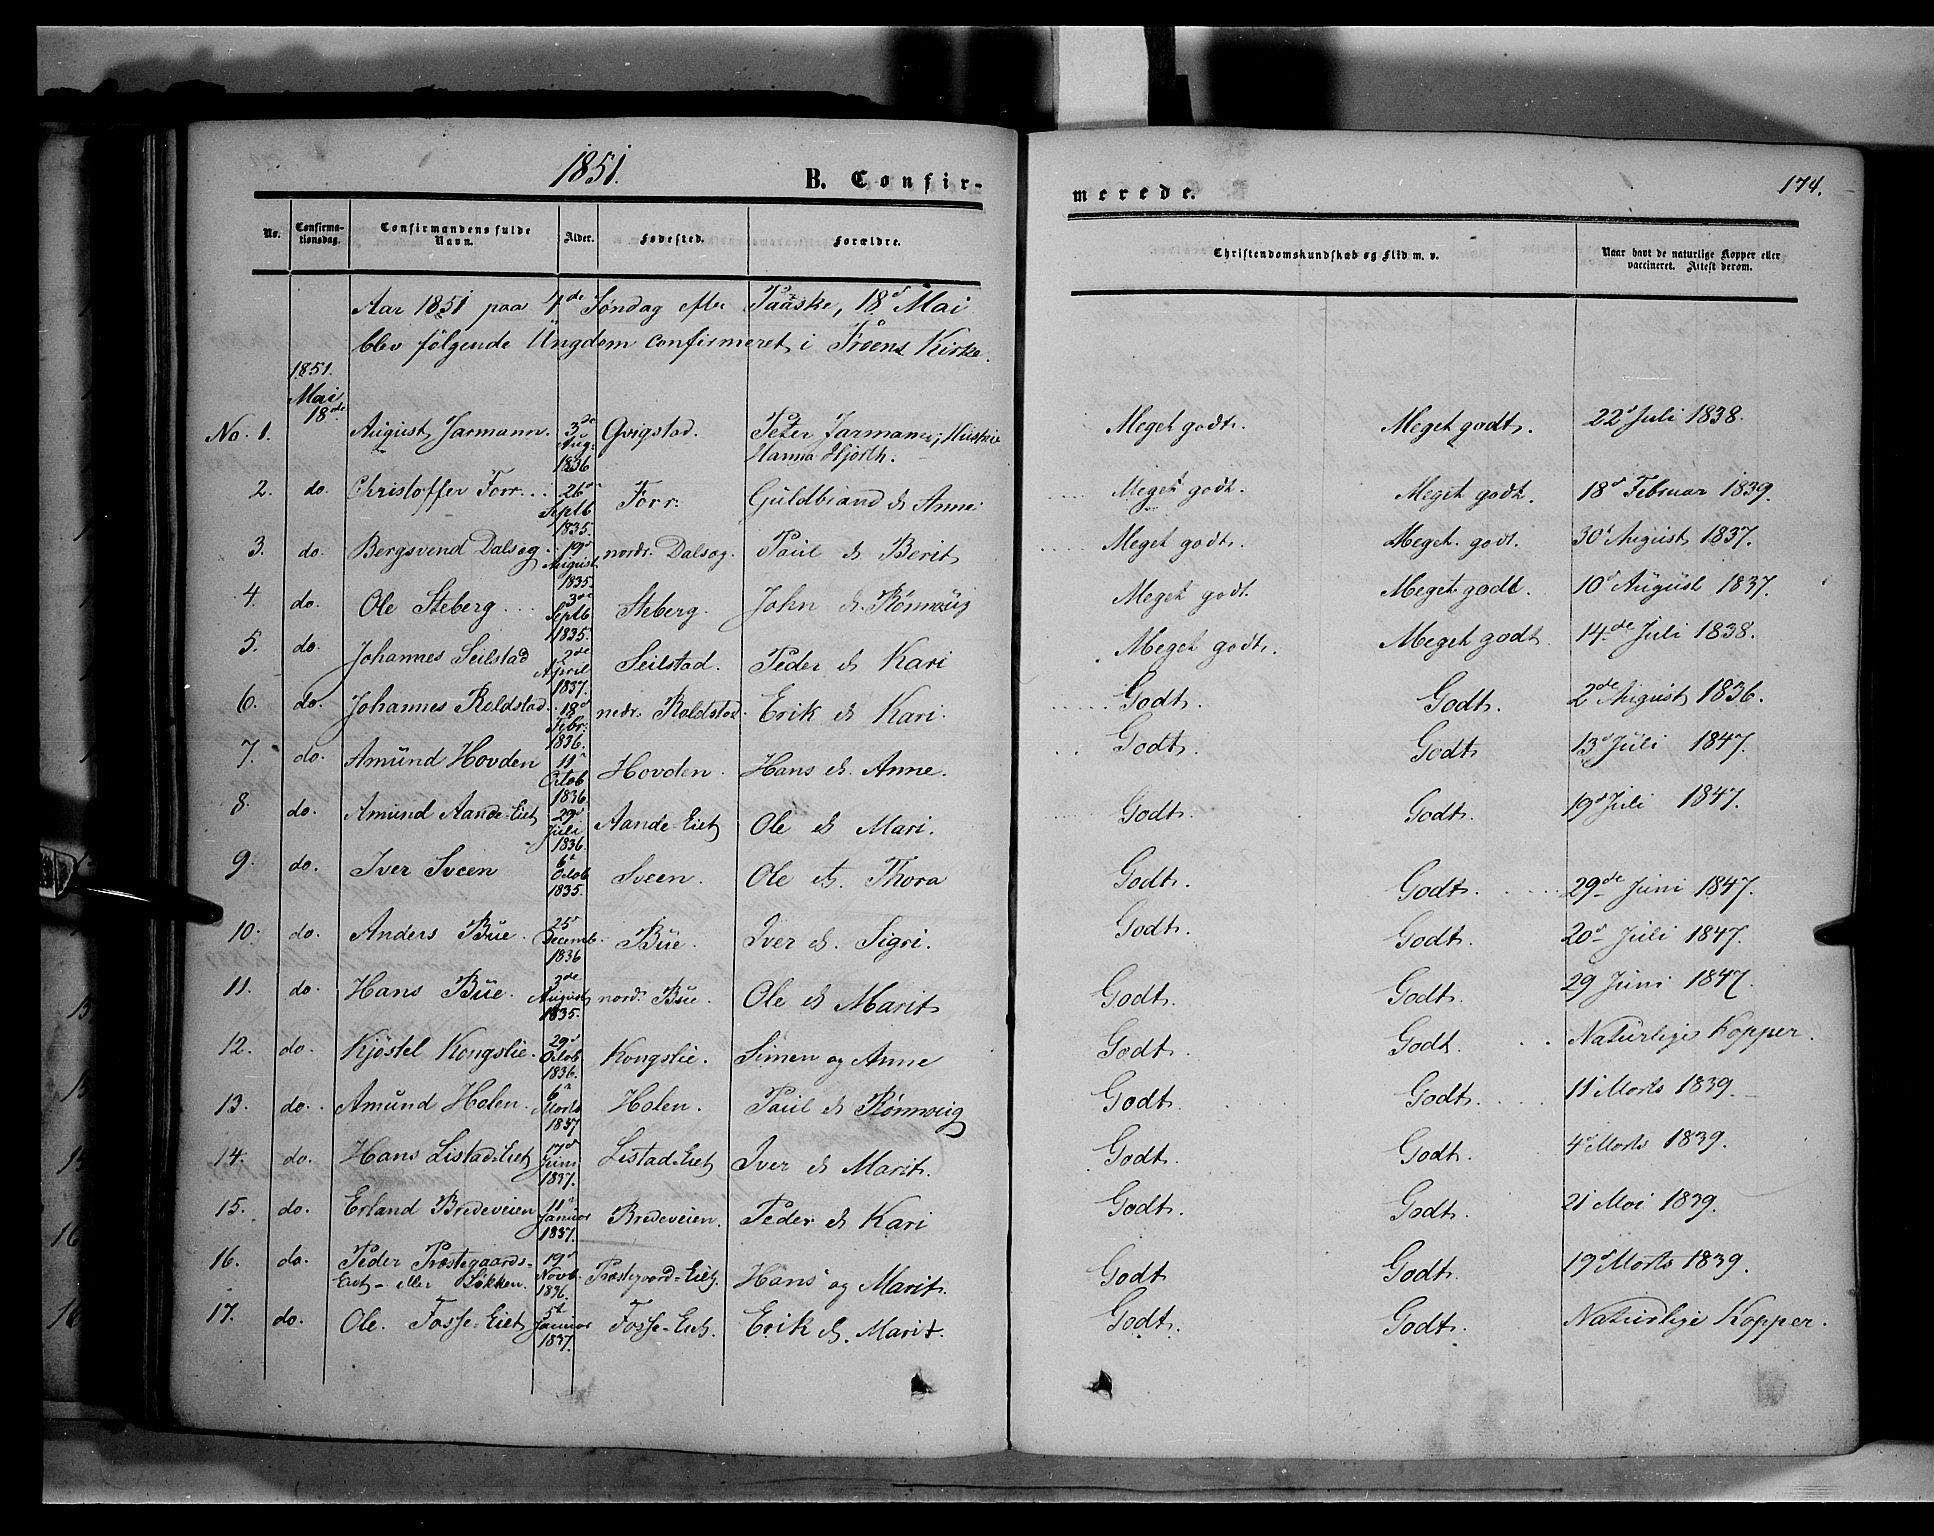 SAH, Sør-Fron prestekontor, H/Ha/Haa/L0001: Ministerialbok nr. 1, 1849-1863, s. 174